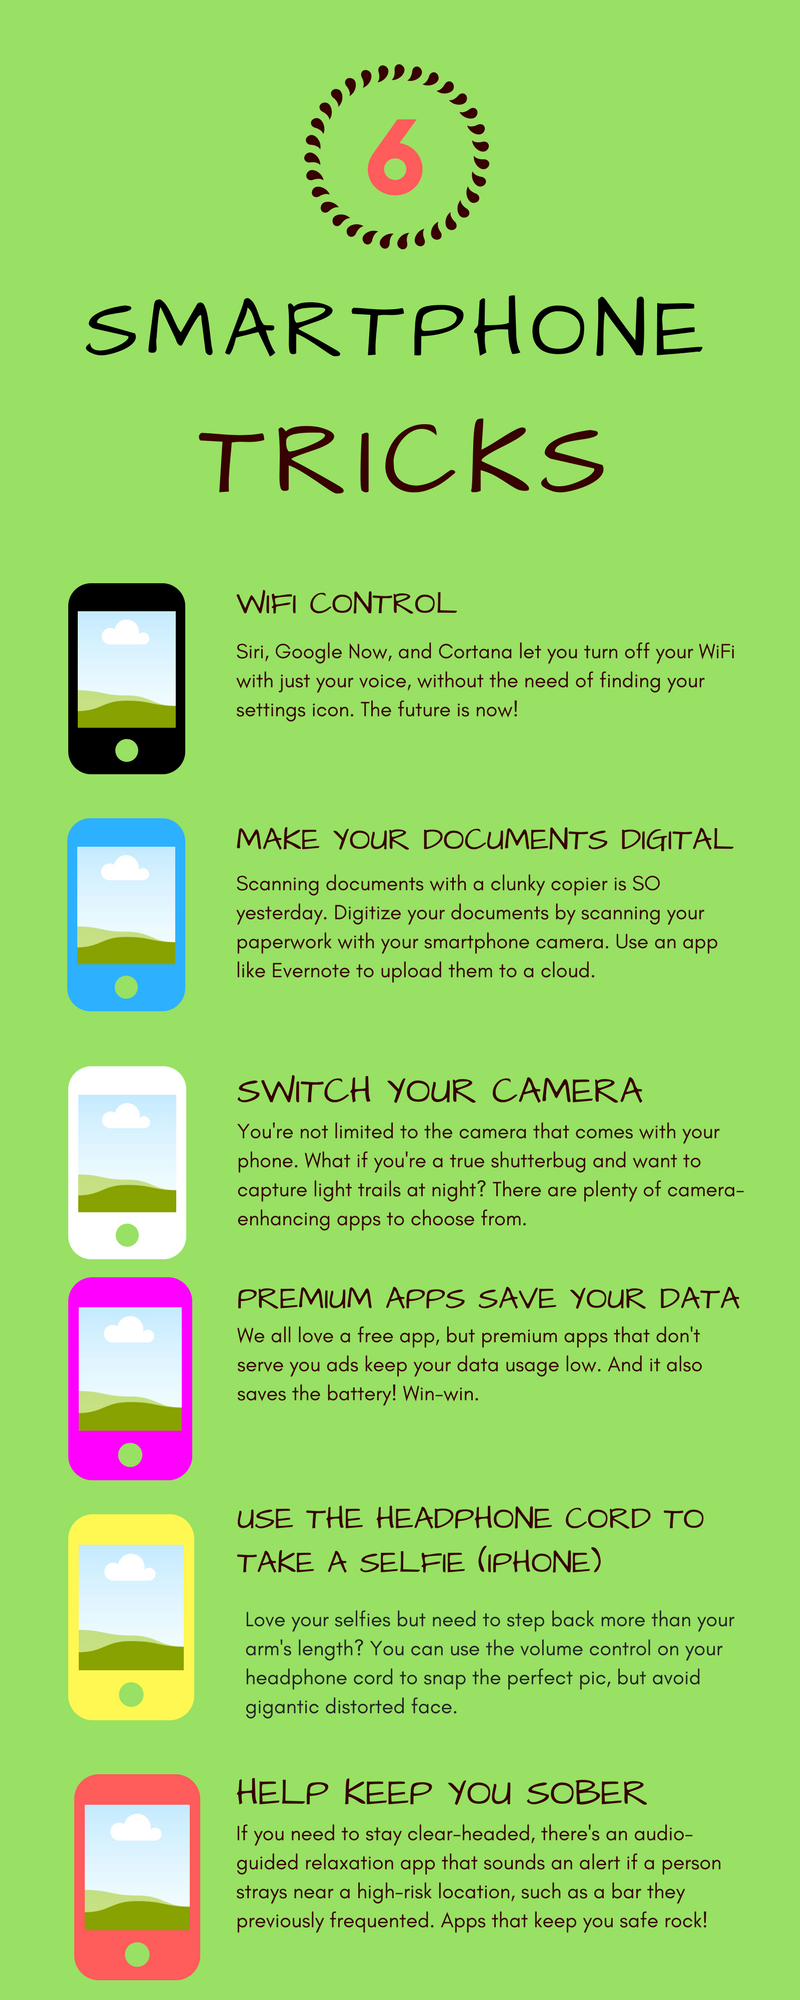 Smartphone tricks